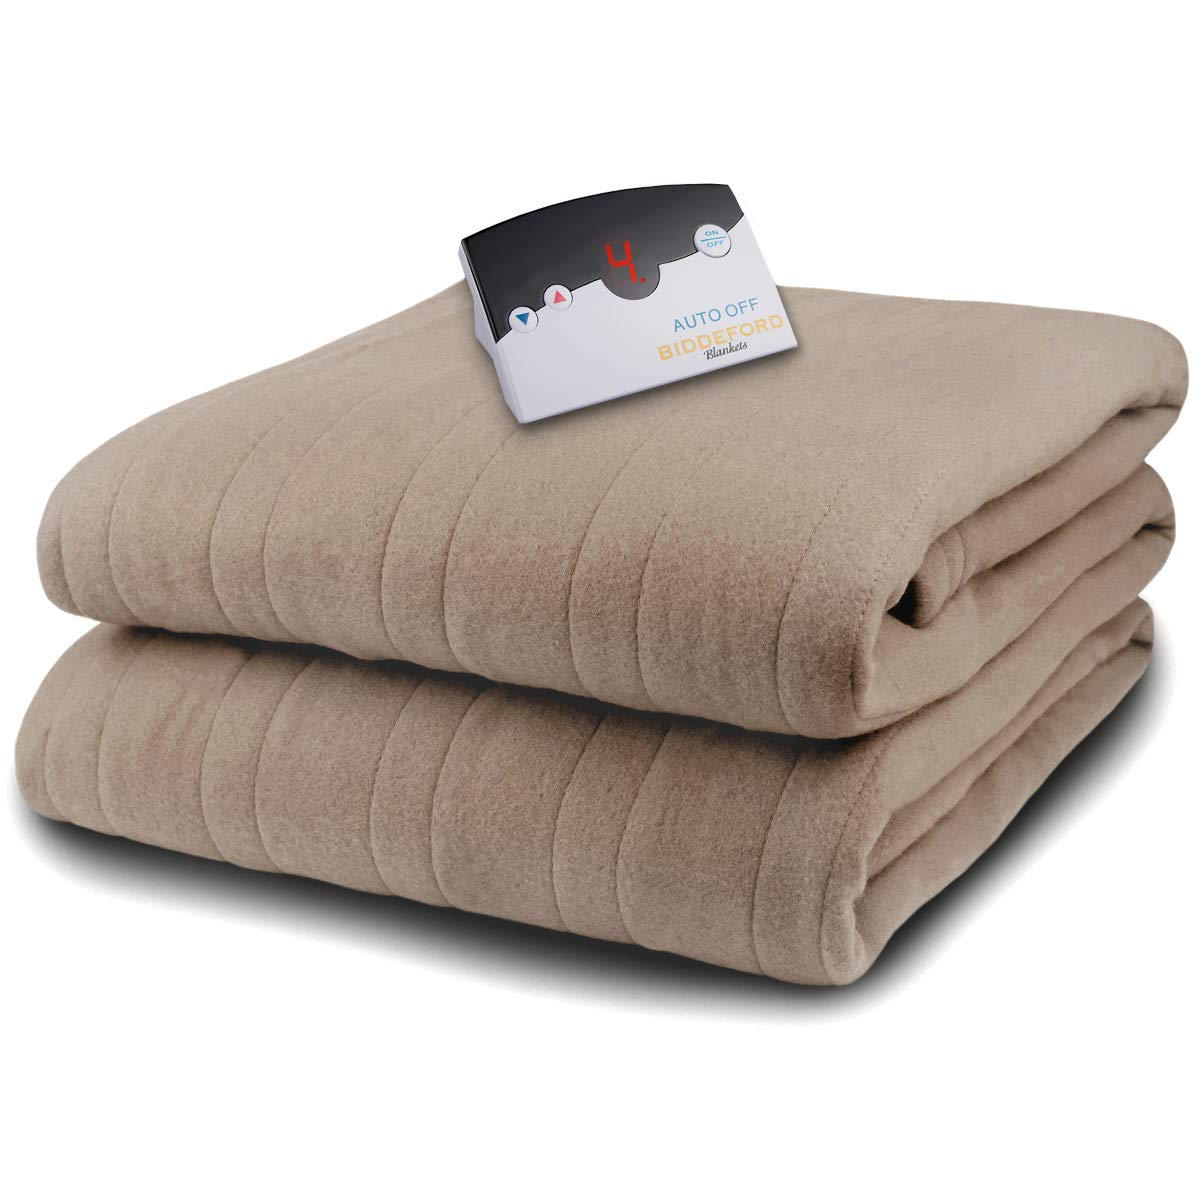 Biddeford Microplush Electric Blanket, Taupe, Full